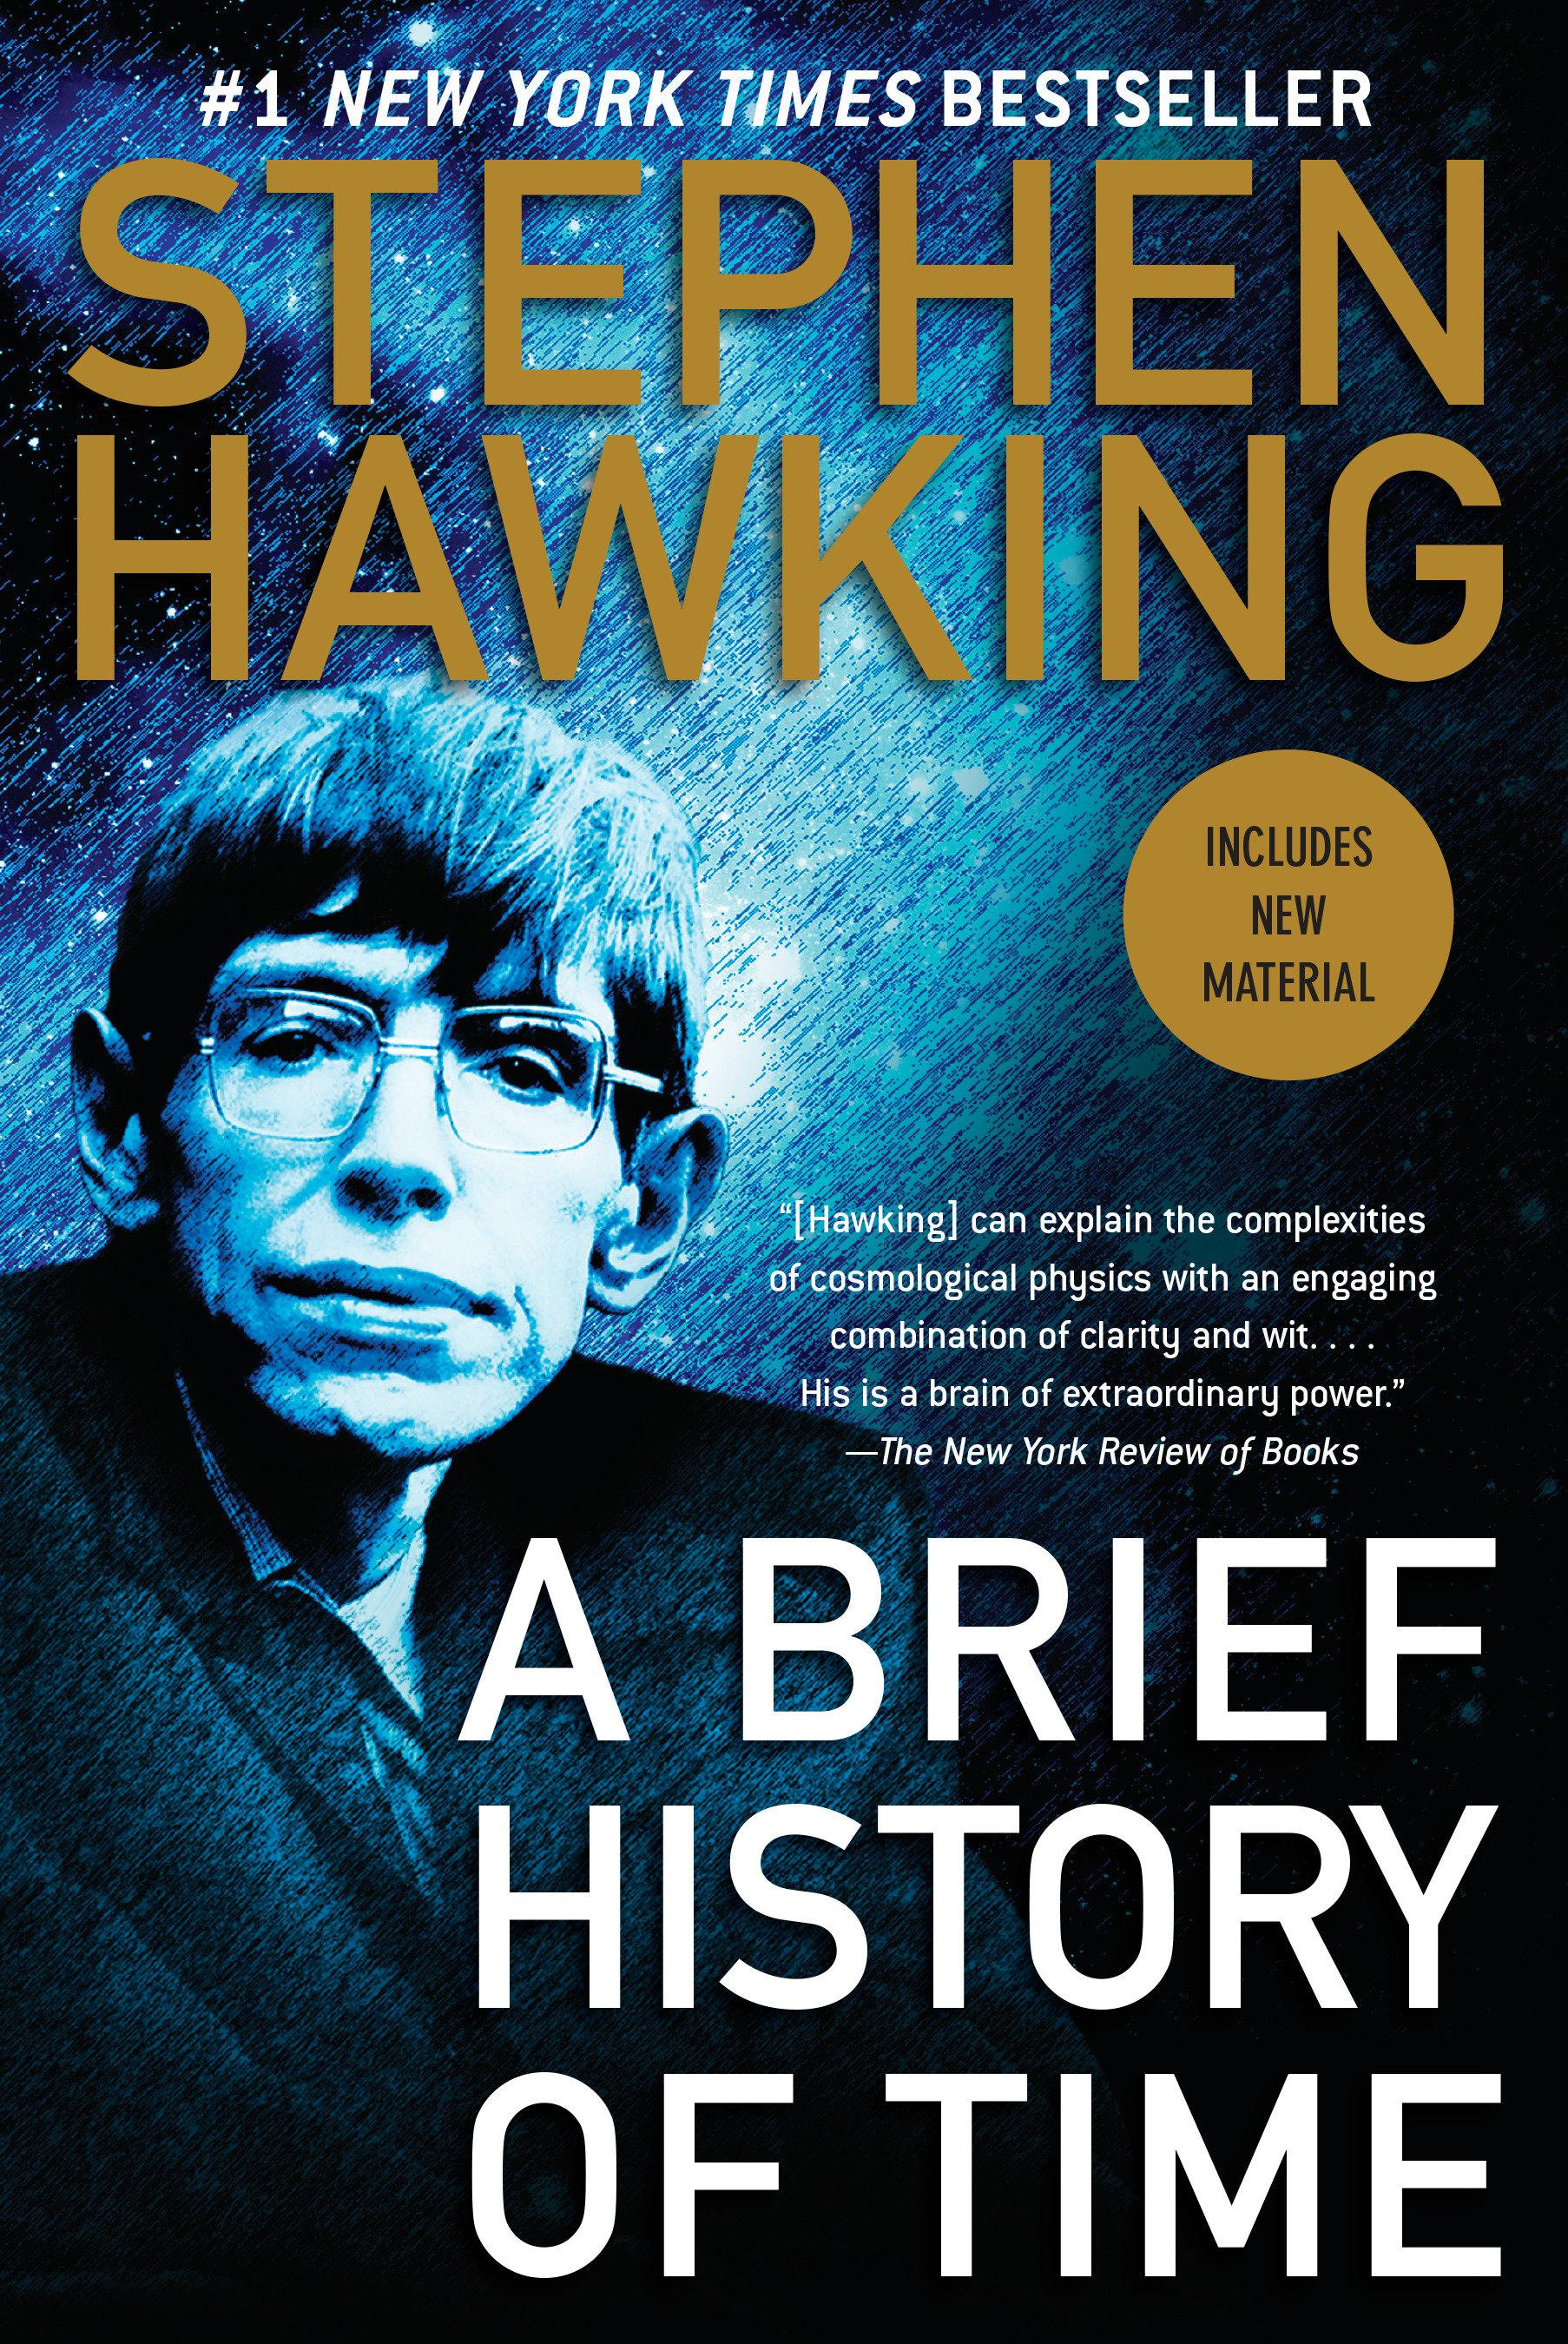 A Brief History of Time  Stephen Hawking  Taschenbuch  Englisch  1998 - Hawking, Stephen